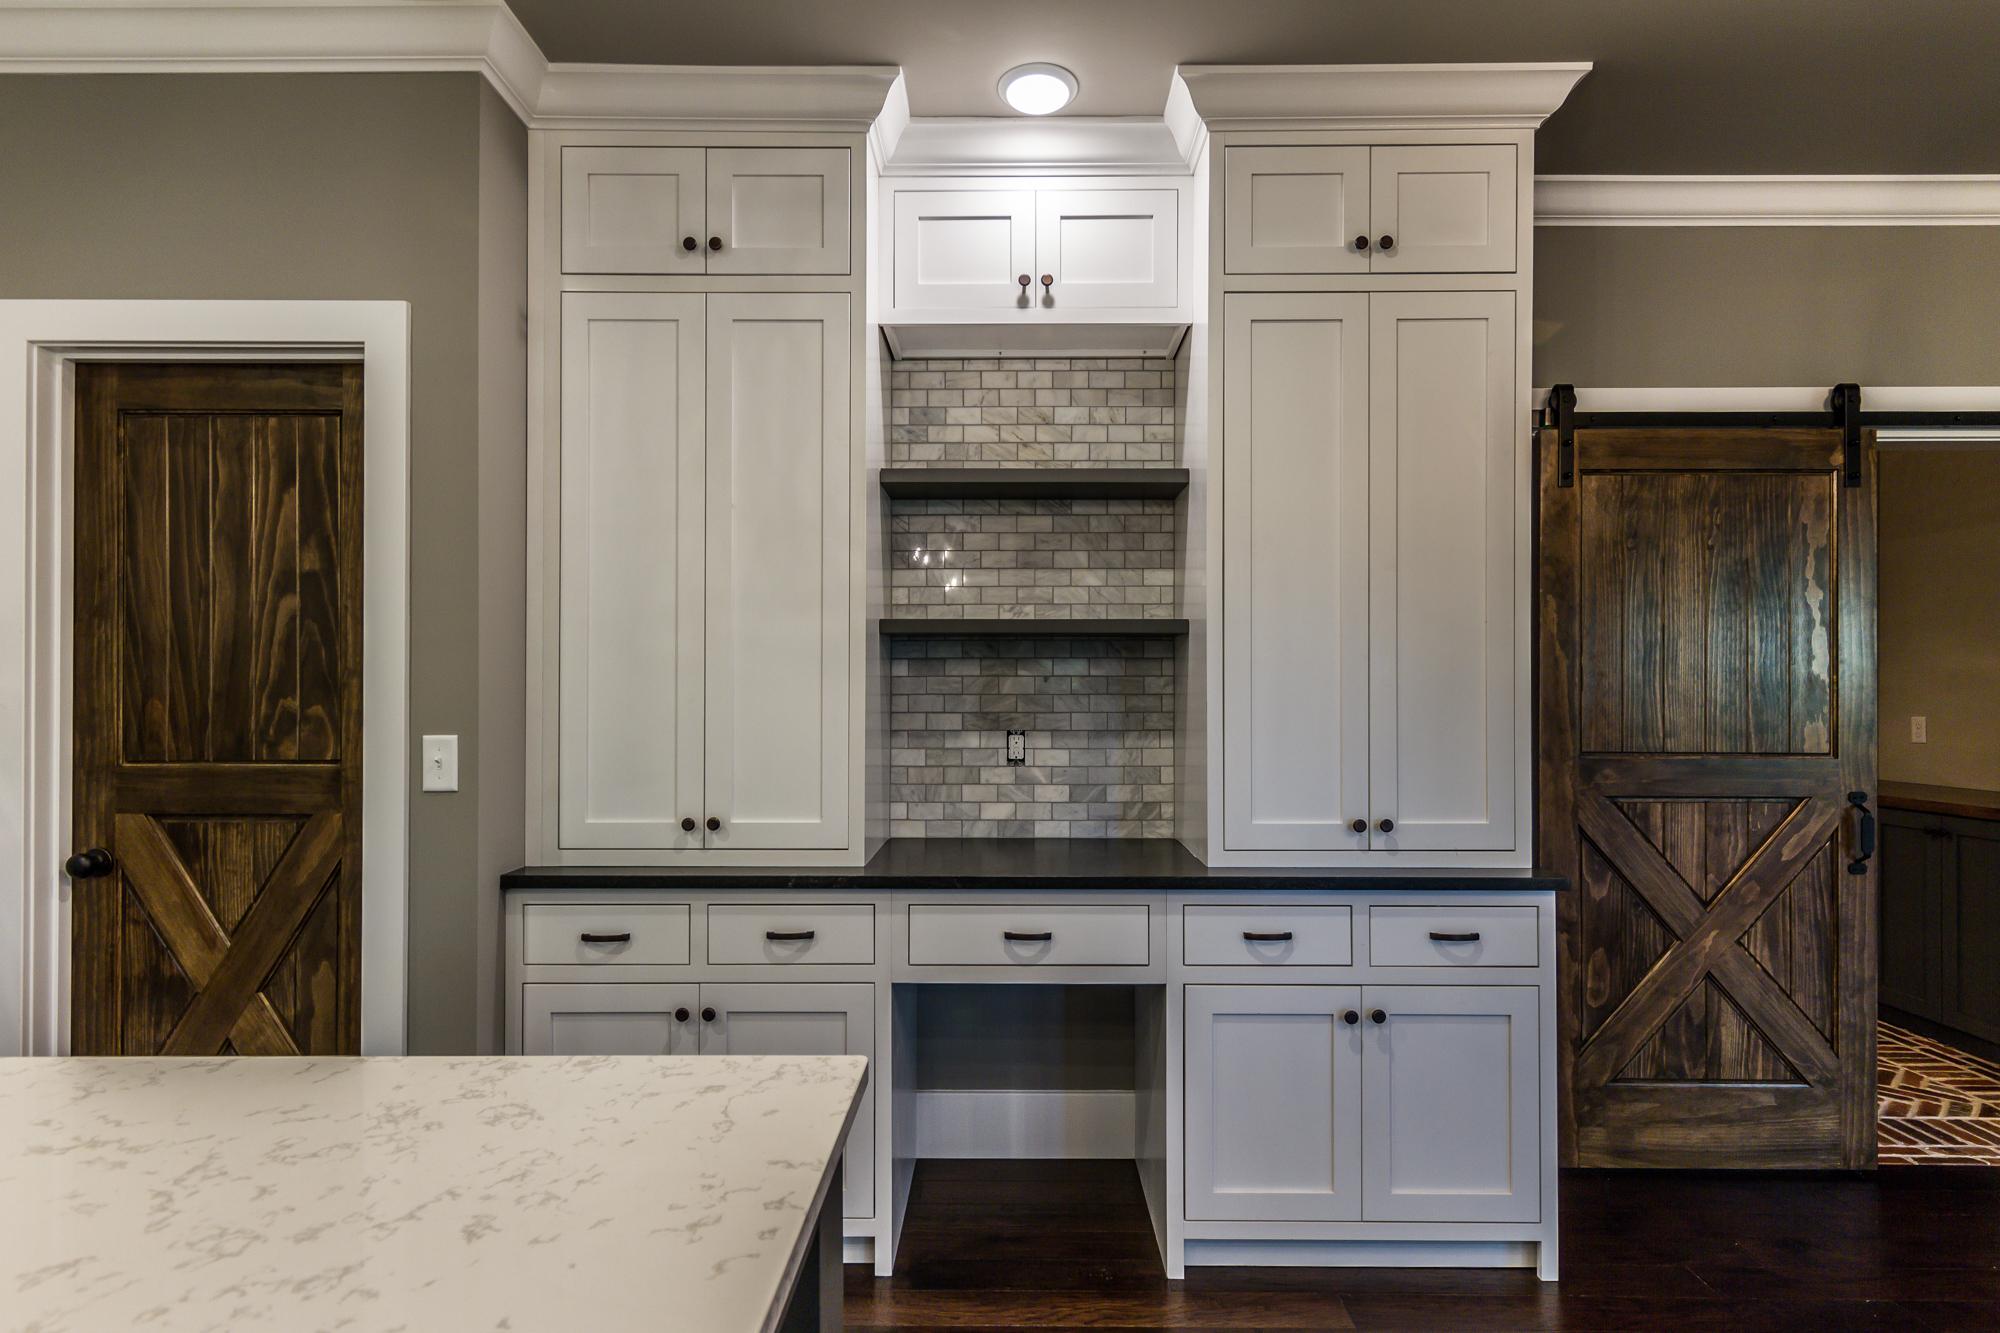 2-Scott-AFB-Real-Estate-For-Sale-O'Fallon-Illinois-62269-12.jpg